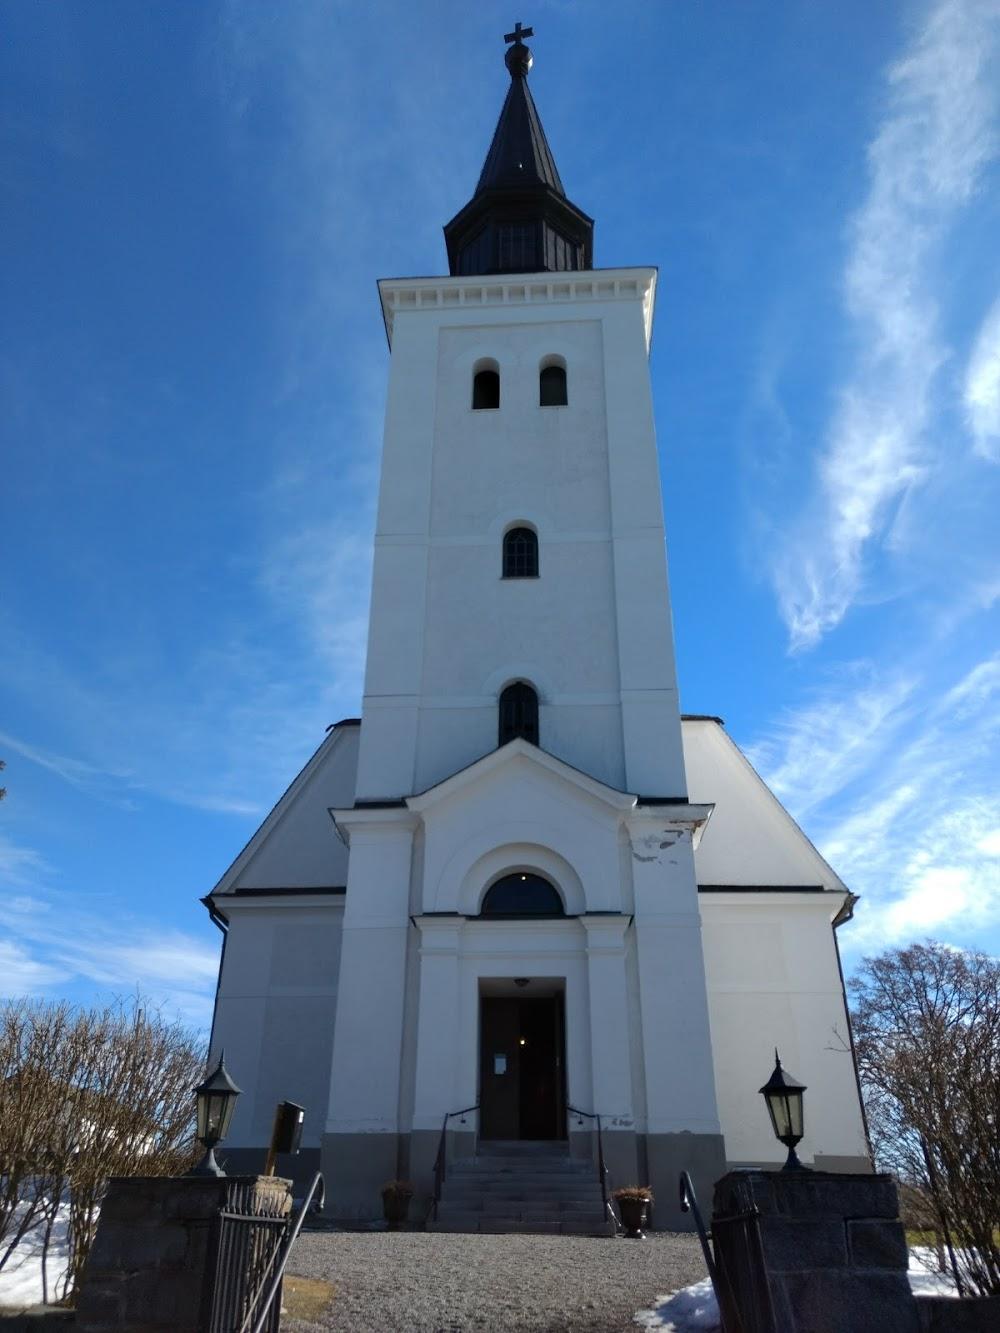 Glava Kyrkogård